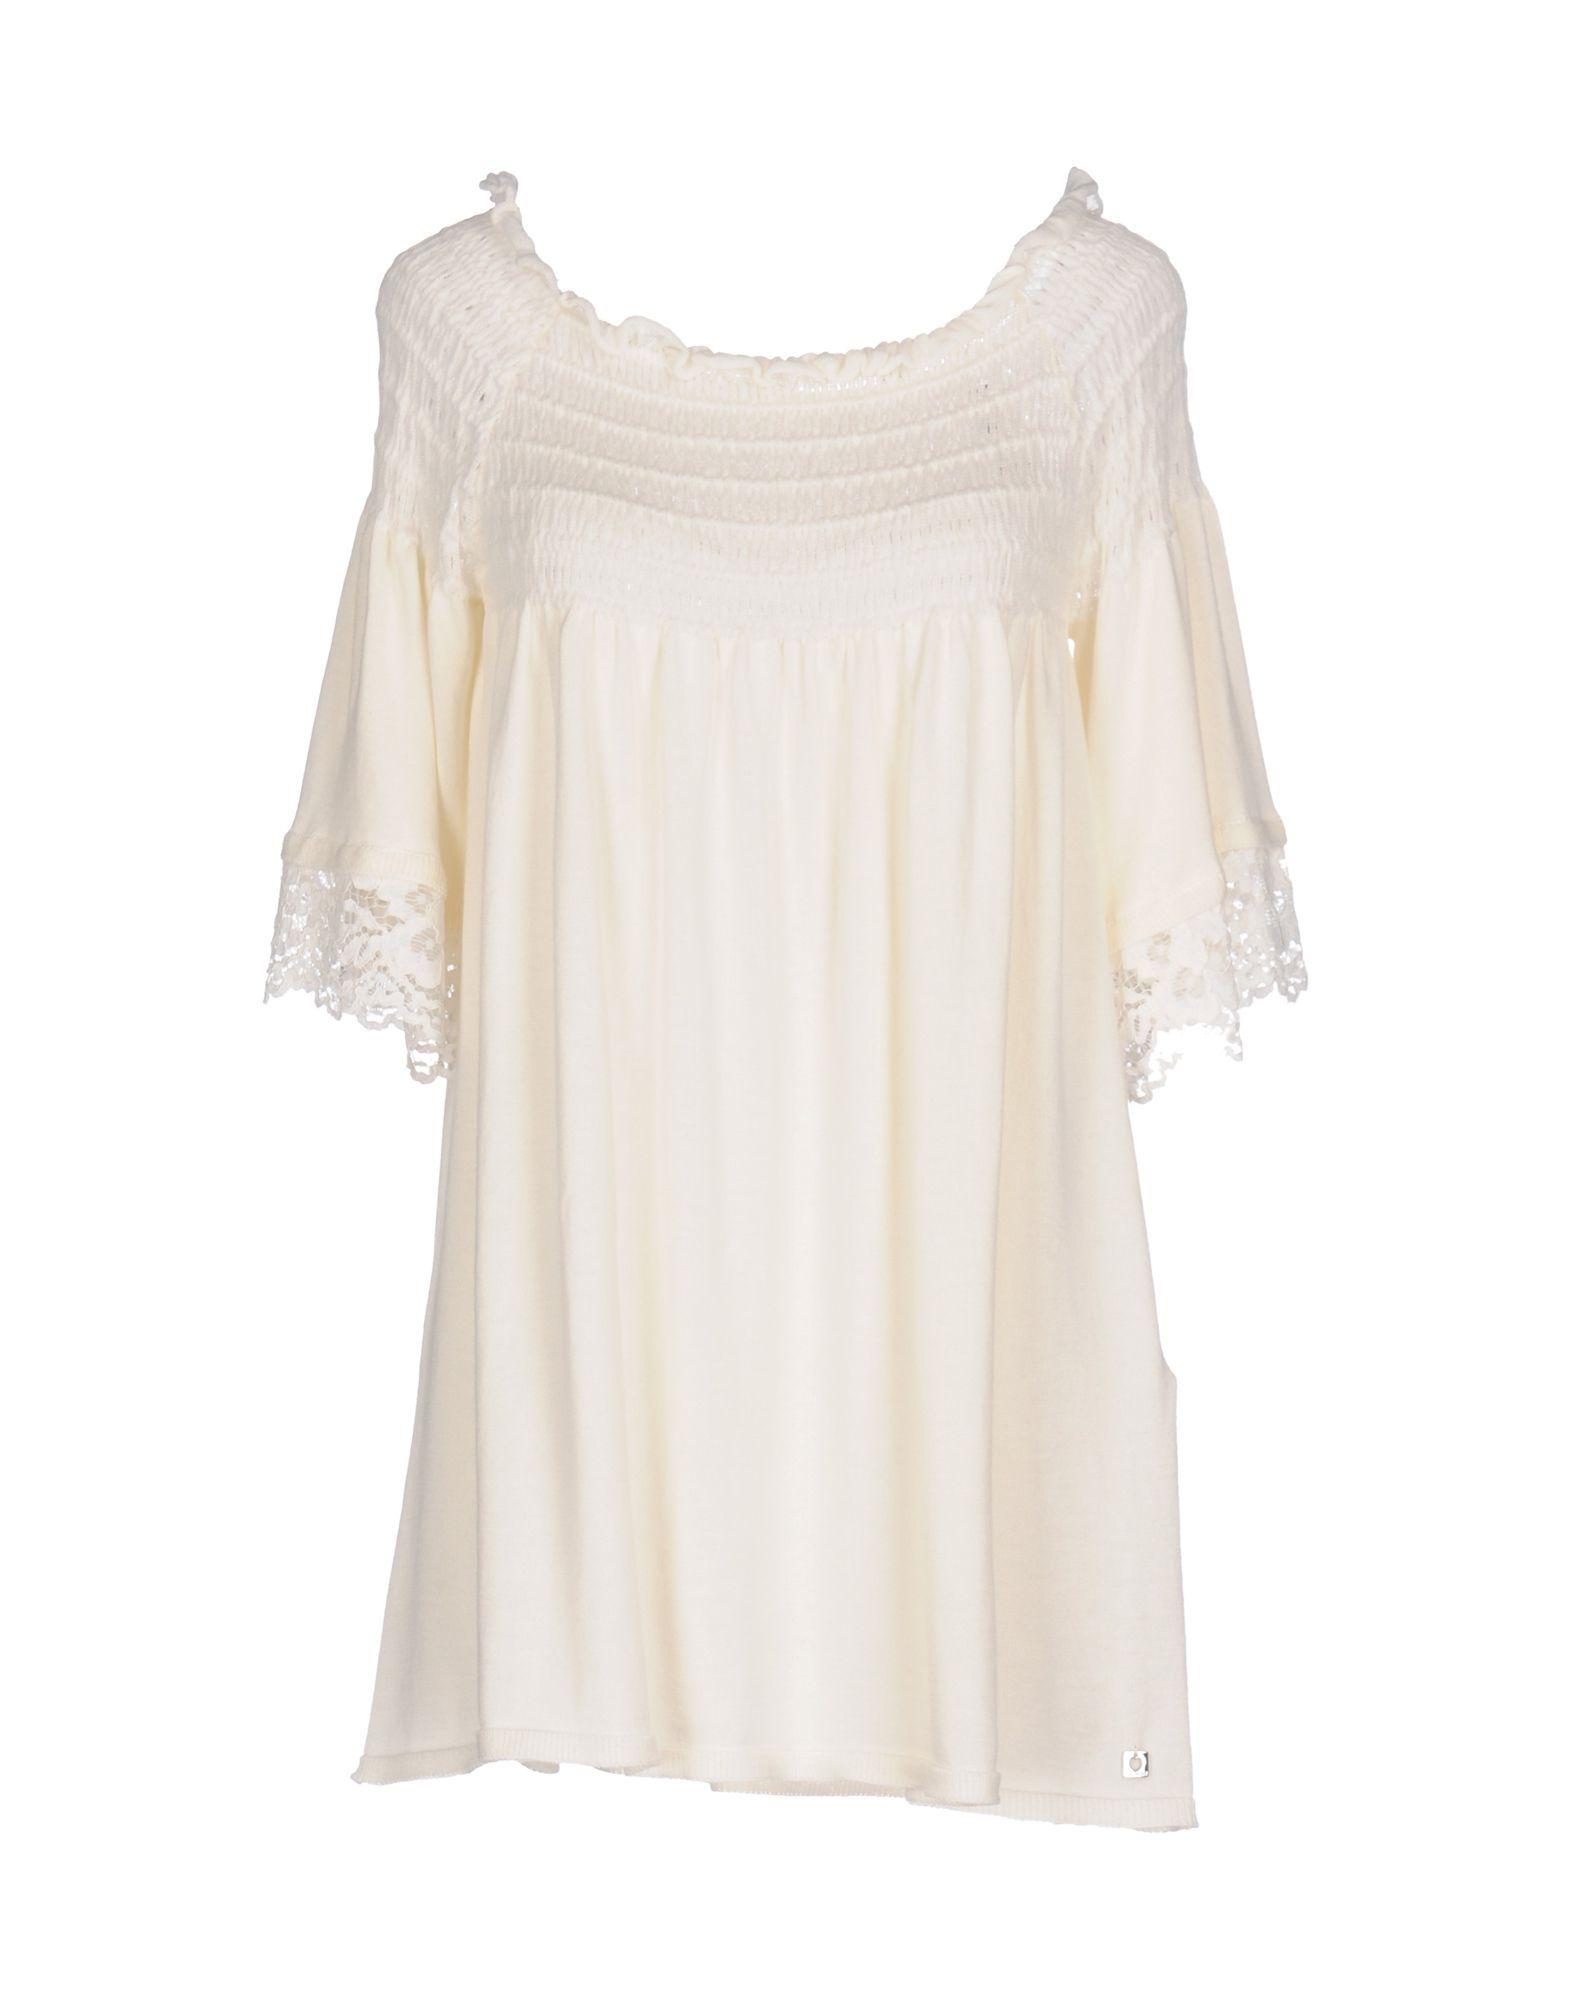 Twinset Ivory Cotton Lace Knit